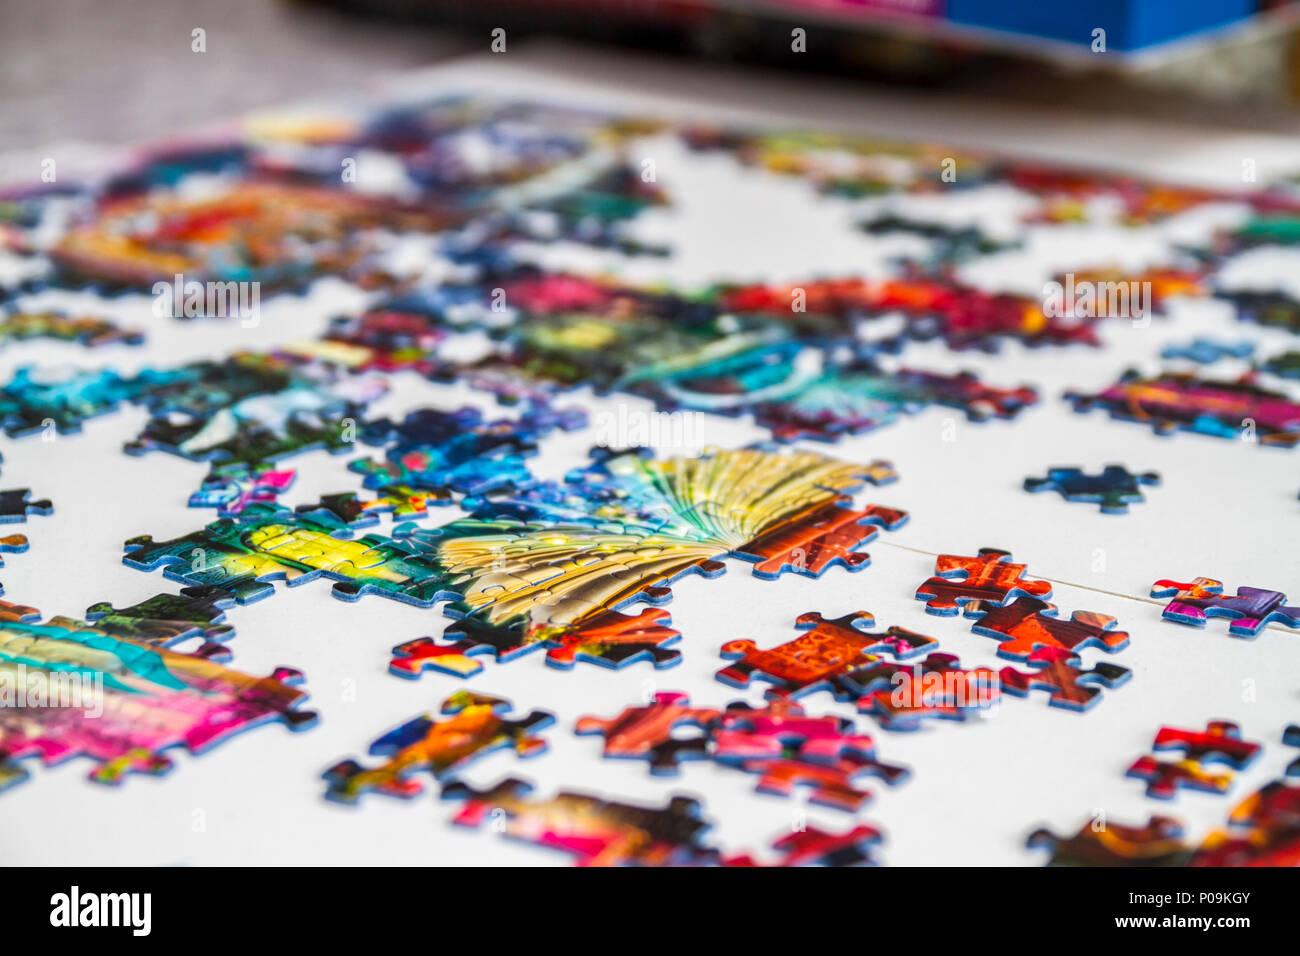 Grandes piezas de un rompecabezas de 1.000 piezas de varios colores, colorido, diversión familiar educativa Foto de stock